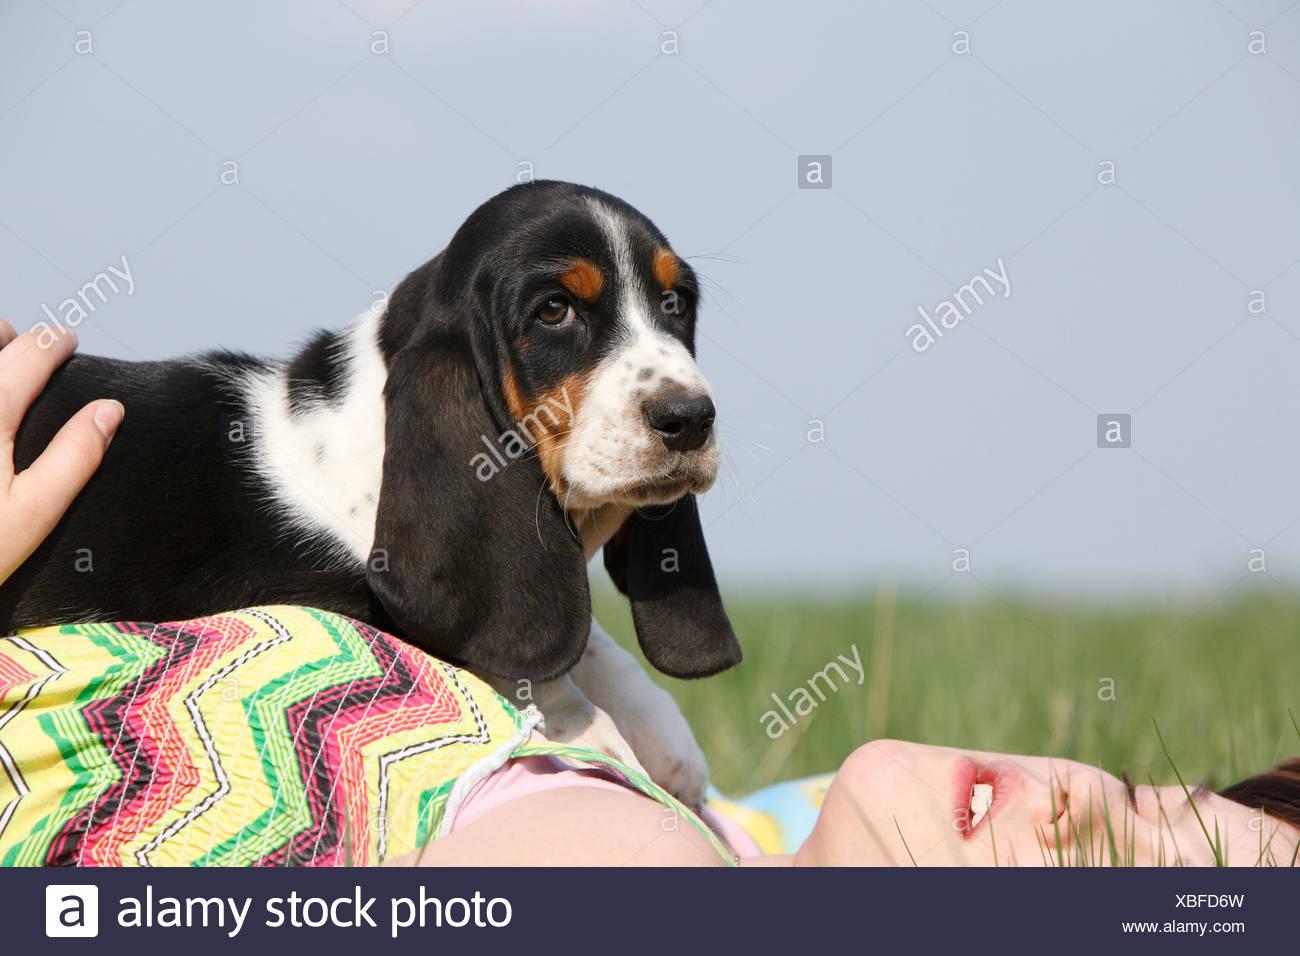 Basset Hound (Canis lupus f. familiaris), 8 semaines vieux chiot couché sur une fille dans un pré, Allemagne Banque D'Images